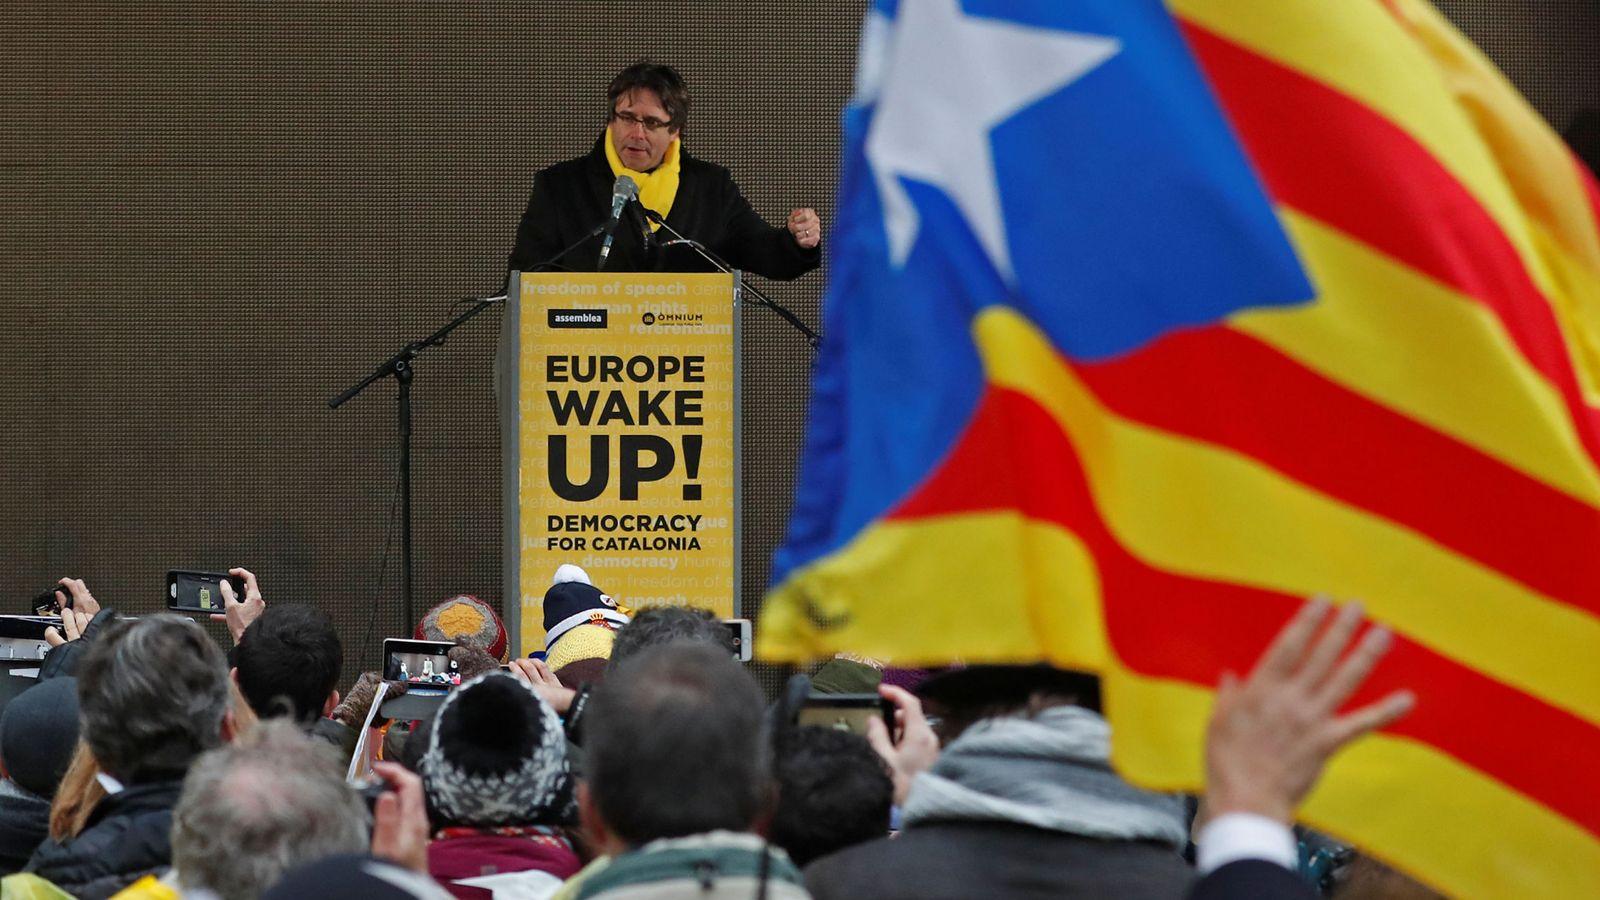 Foto: Carles Puigdemont tras la manifestación en Bruselas. (Reuters)